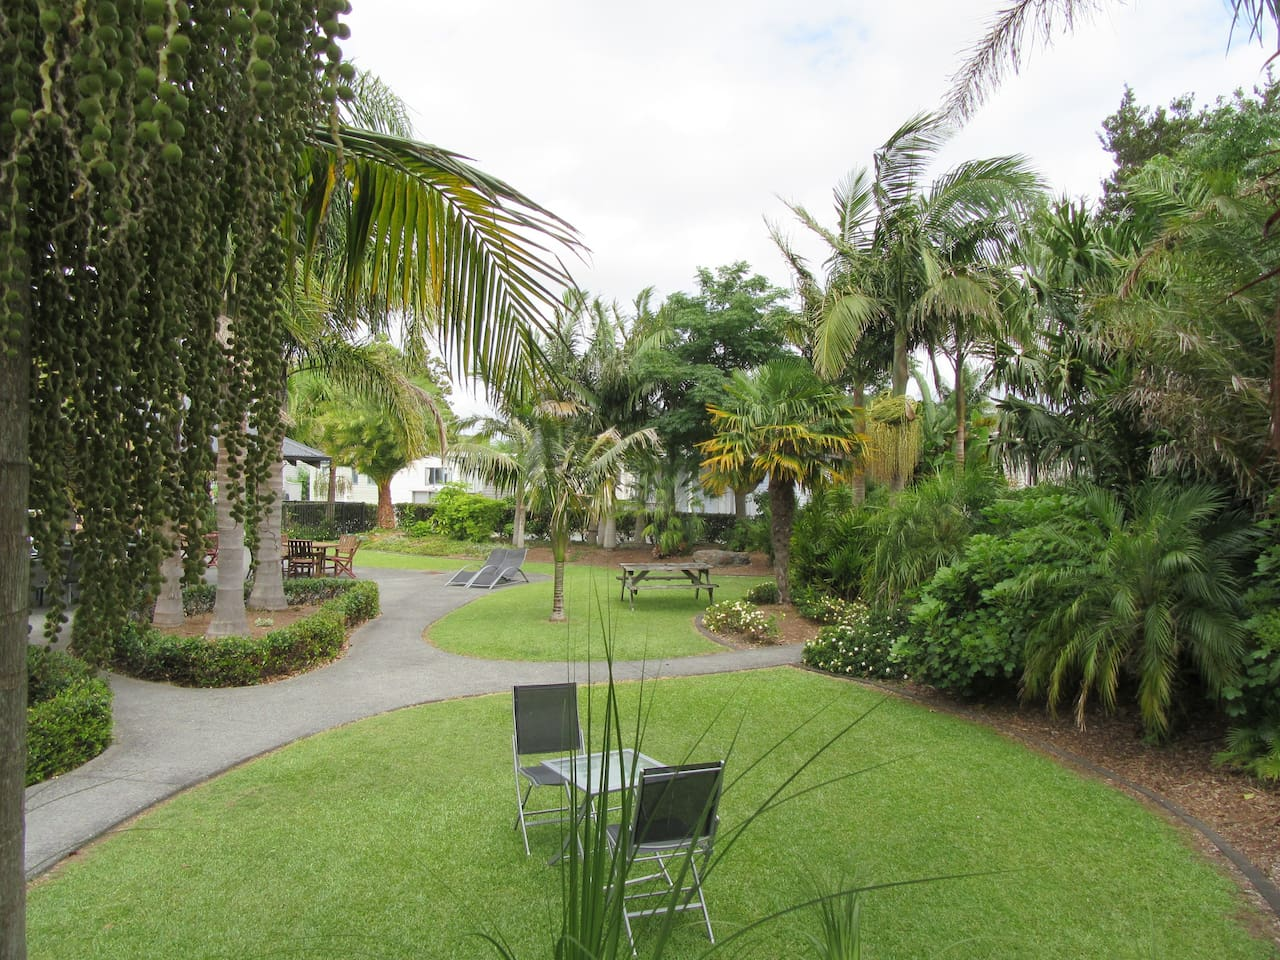 Shared gardens